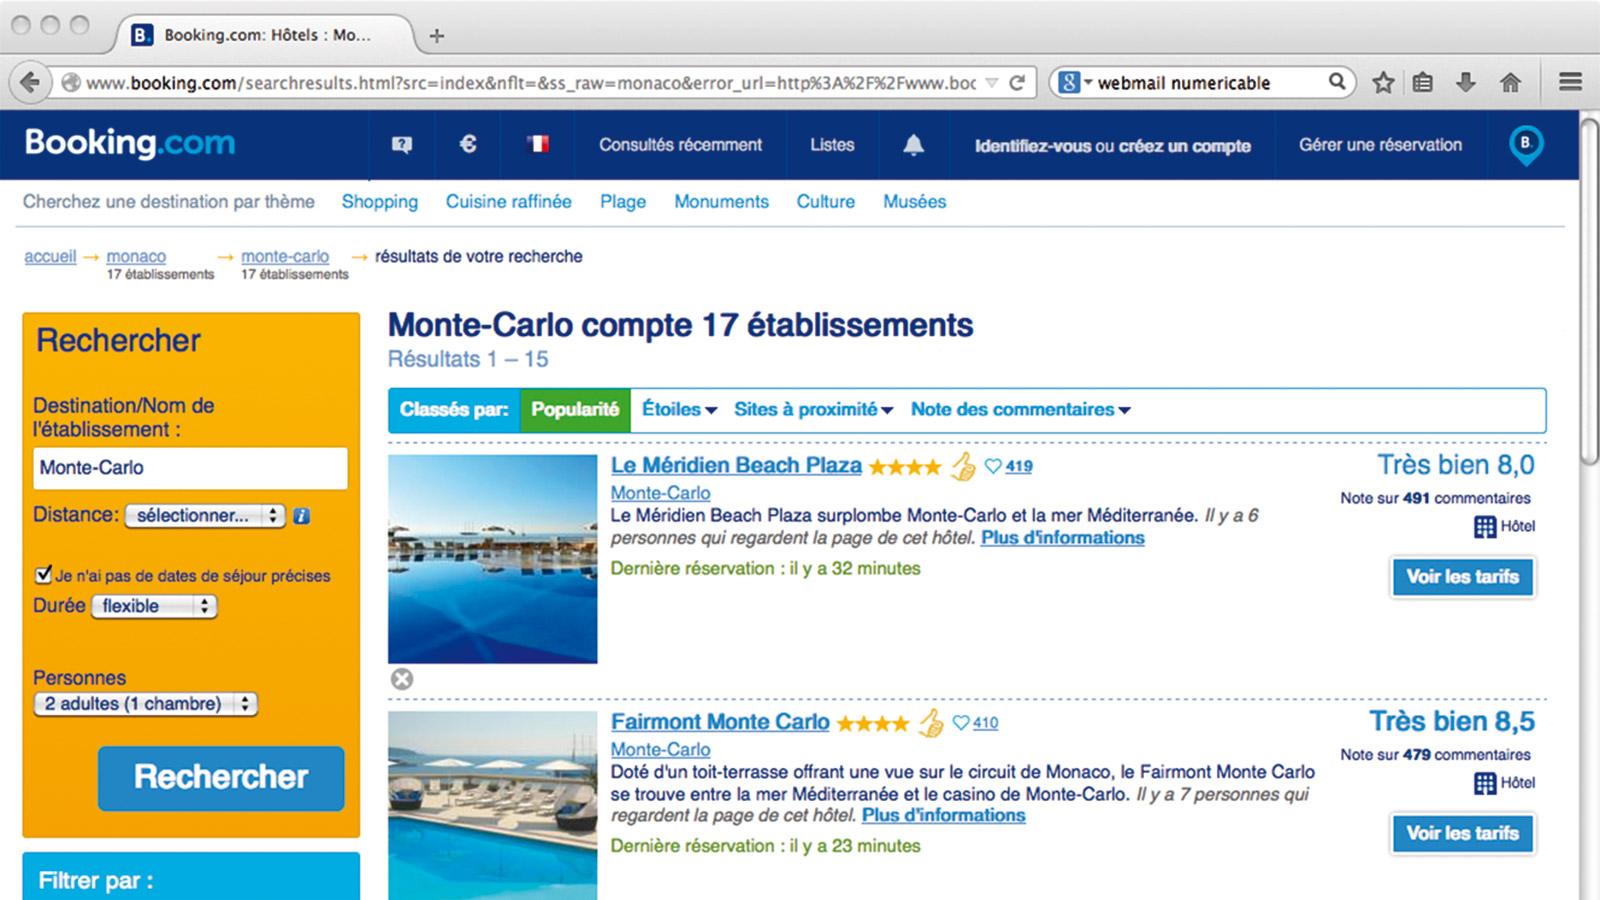 Affaire Booking.com<br/>Monaco n'attaquera pas en justice